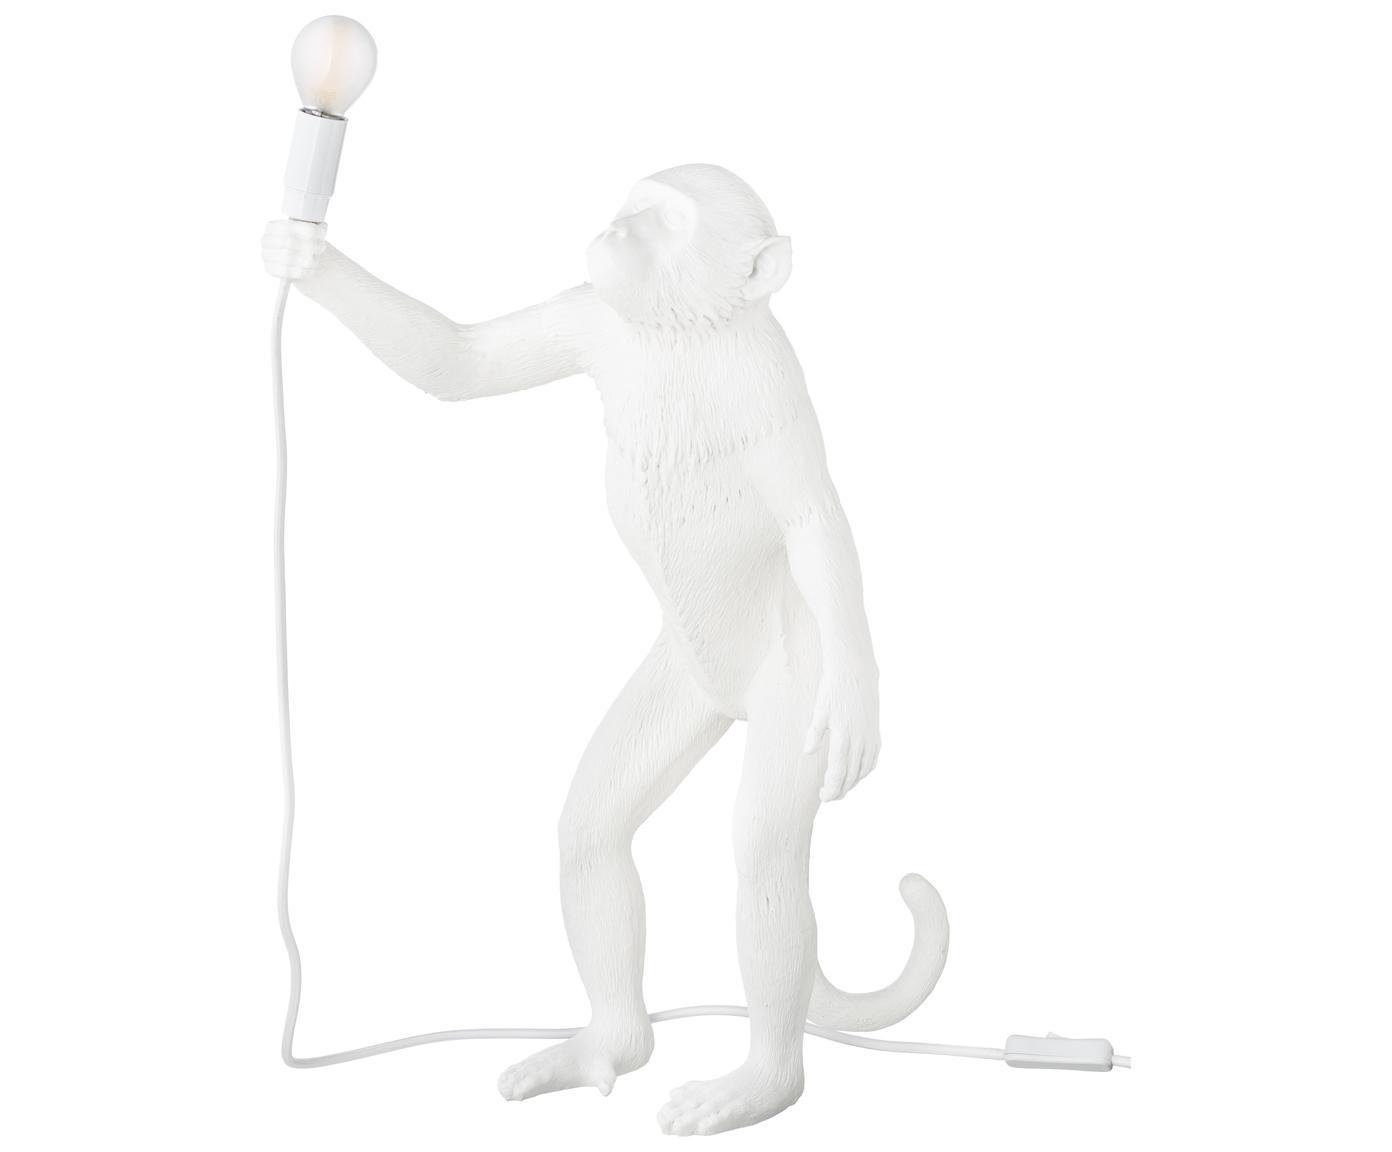 Lampa stołowa Monkey, Żywica syntetyczna, Biały, S 46 x W 54 cm